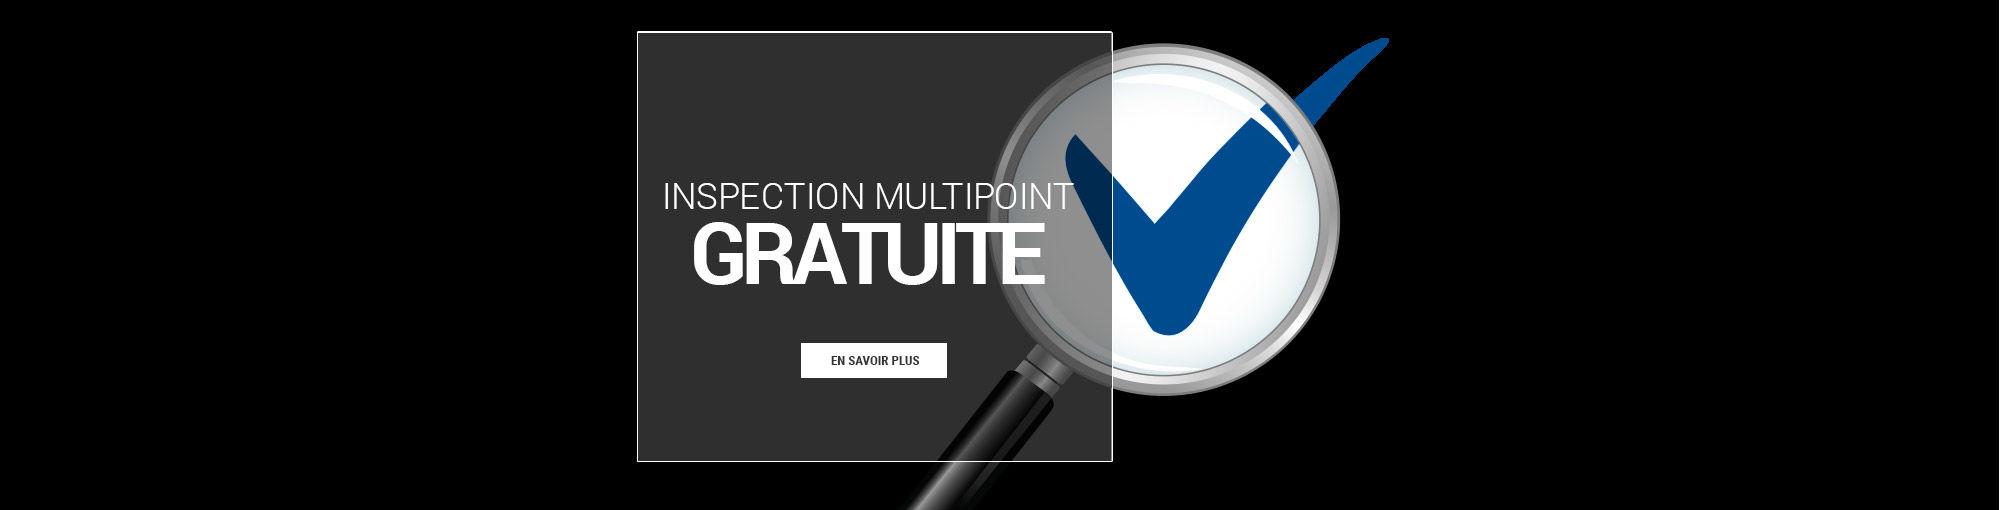 Inspection multipoint GRATUITE